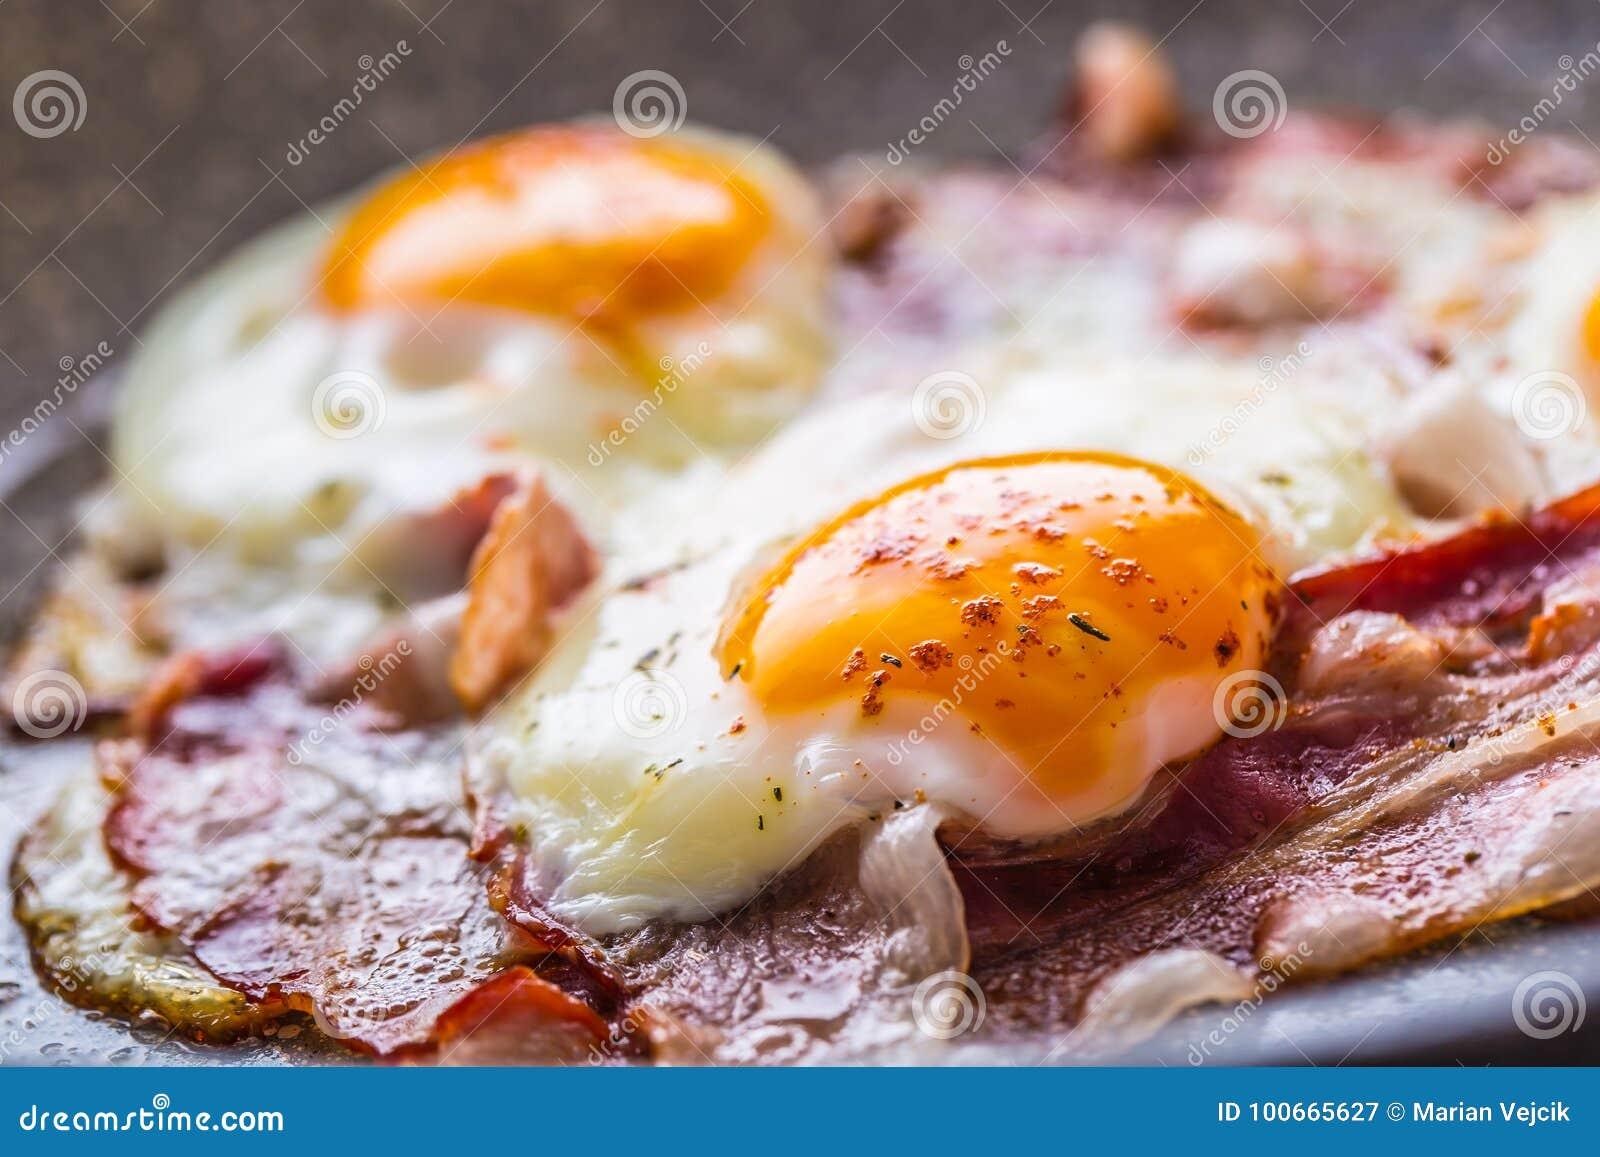 Prosciutto ed uova Bacon ed uova che friggono sulla pentola ceramica Uovo salato e spruzzato con peperone Prima colazione inglese